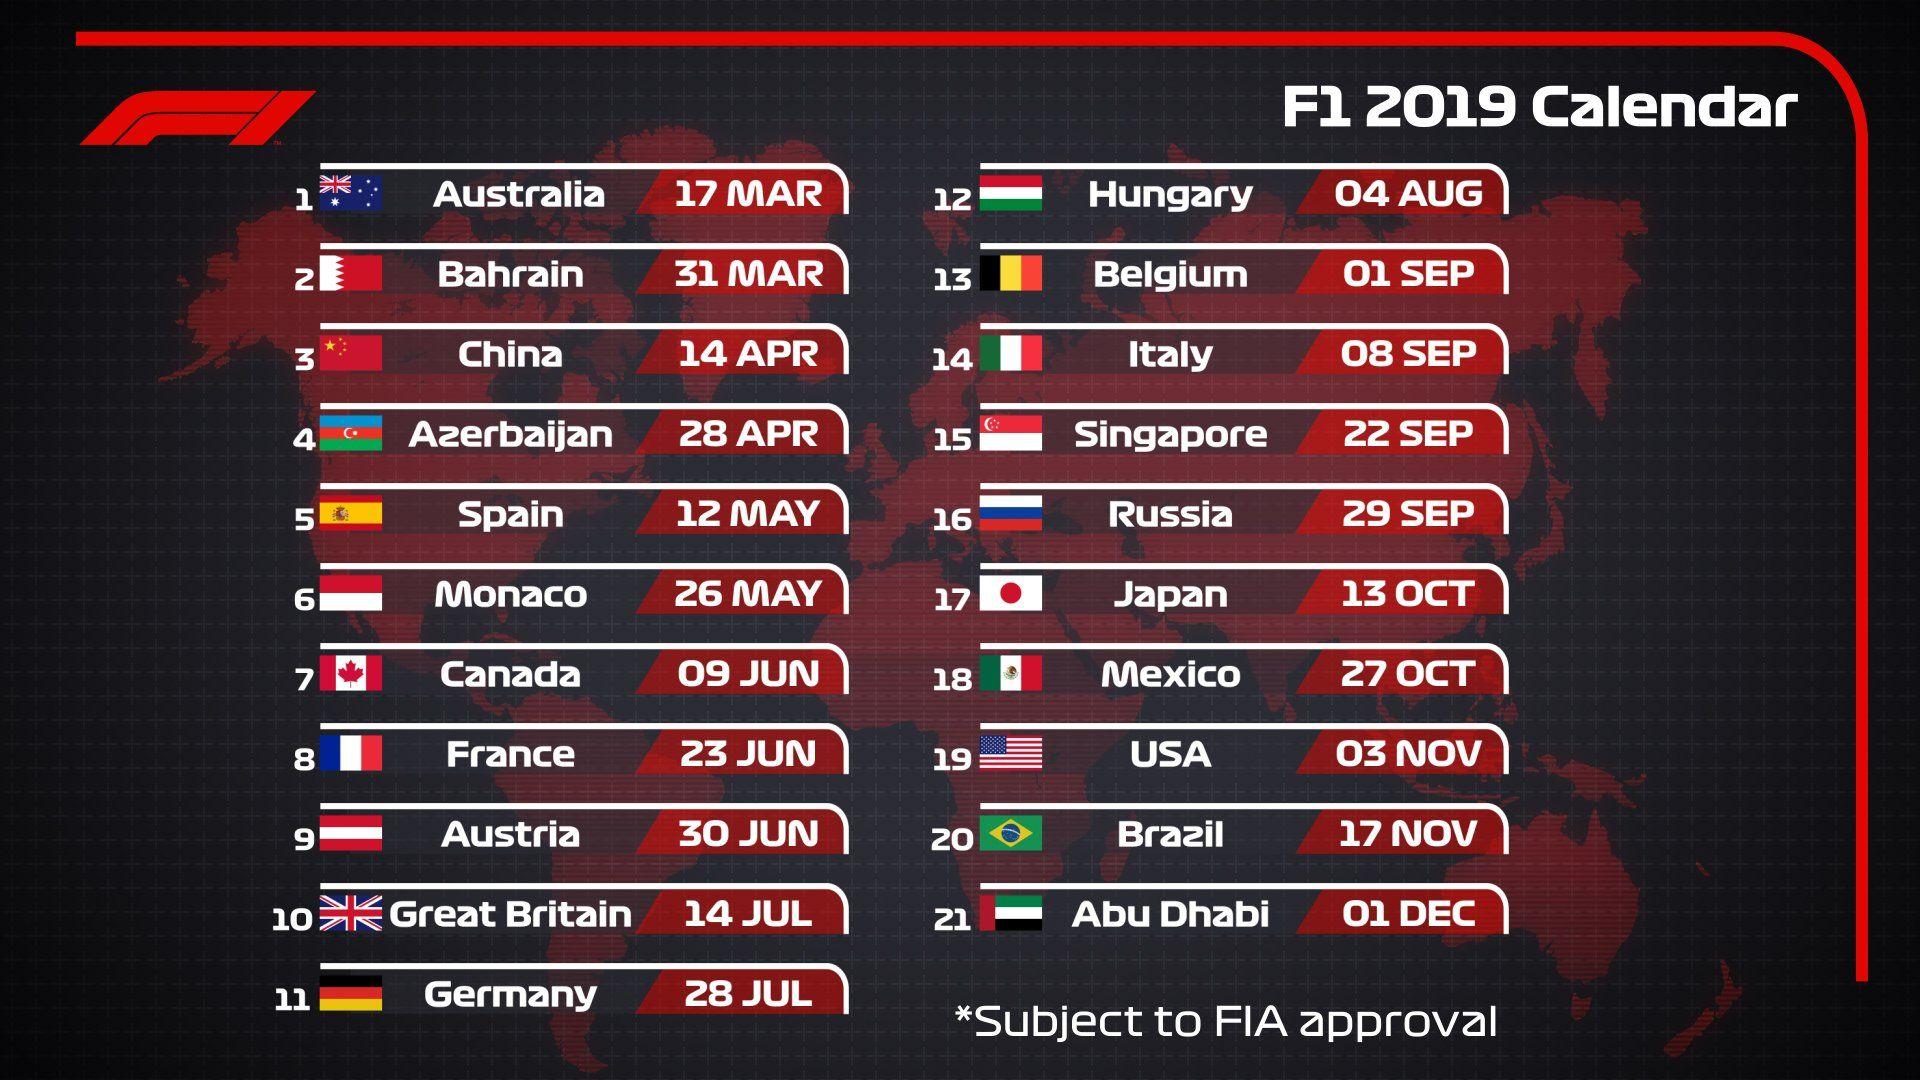 F1 2019 Calendar 2019 F1 Calendar | F1 2018 | F1 schedule, Racing calendar, Formula 1